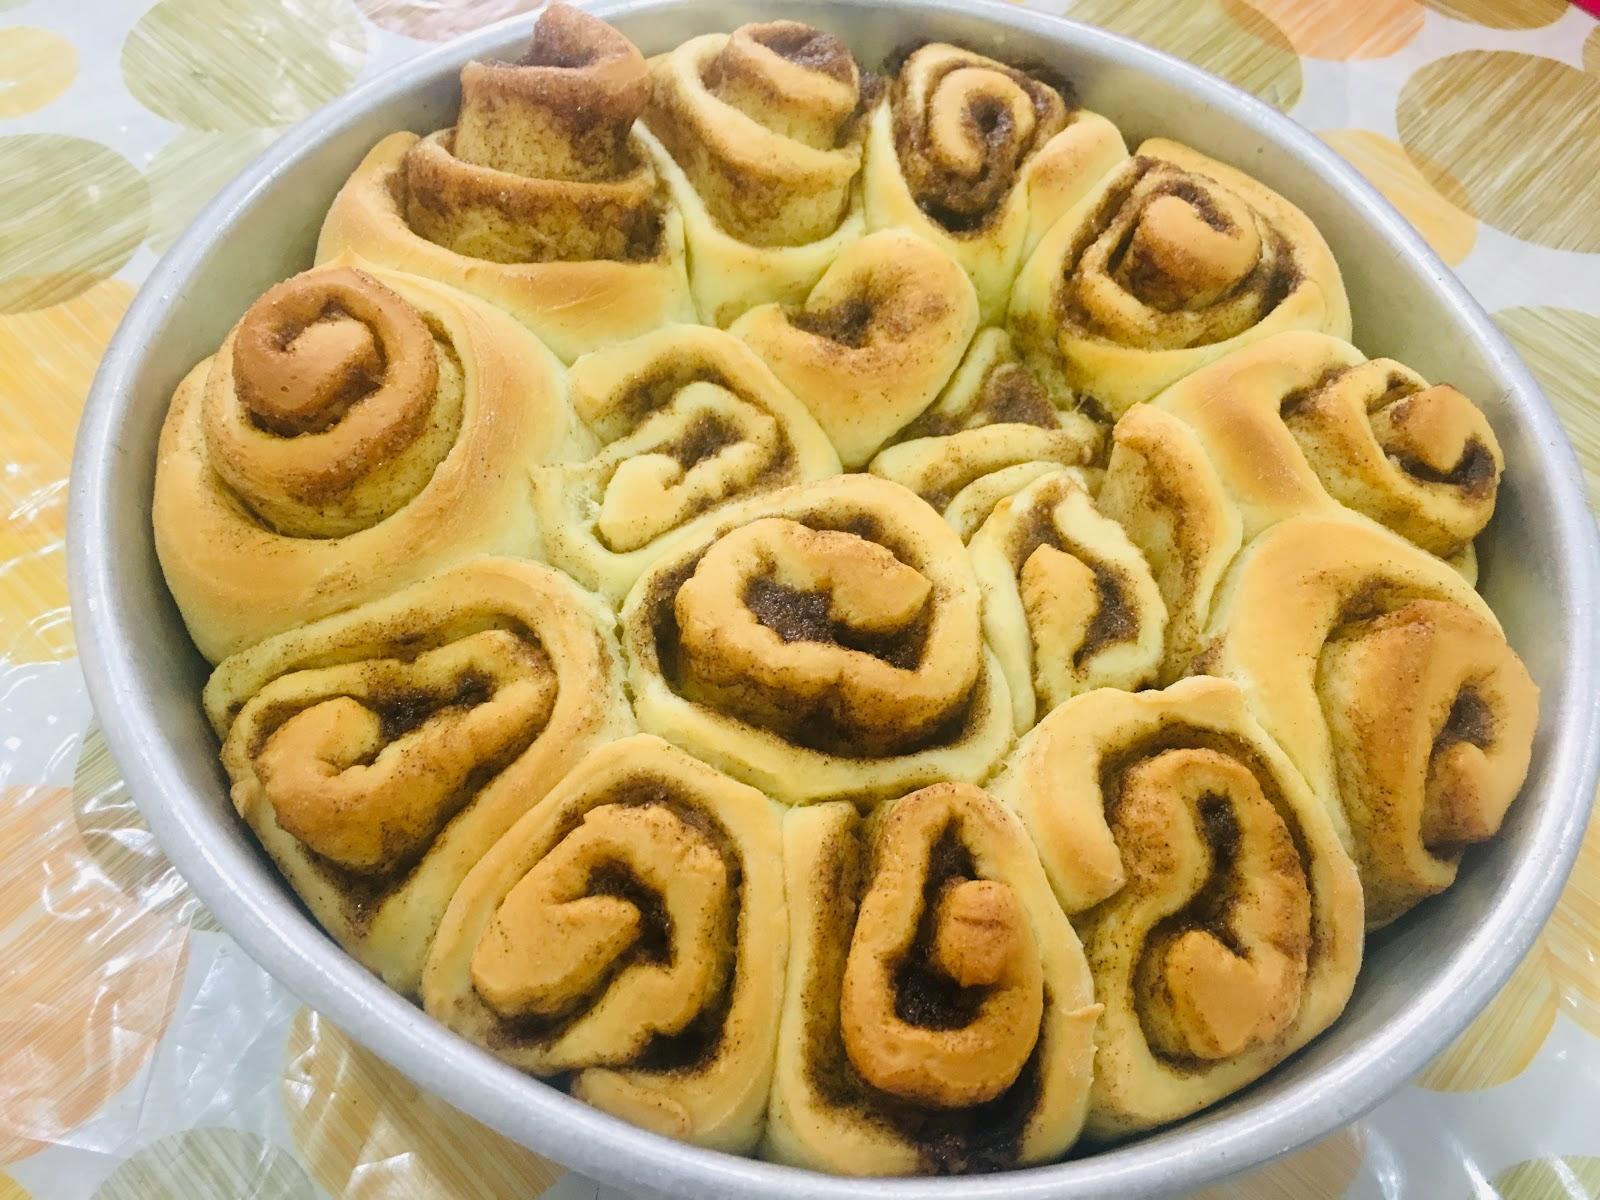 tips   mudah buat bun cinnamon rolls  lembut sedap  gebus  resepi sukatan Resepi Roti Hotdog Lembut Enak dan Mudah